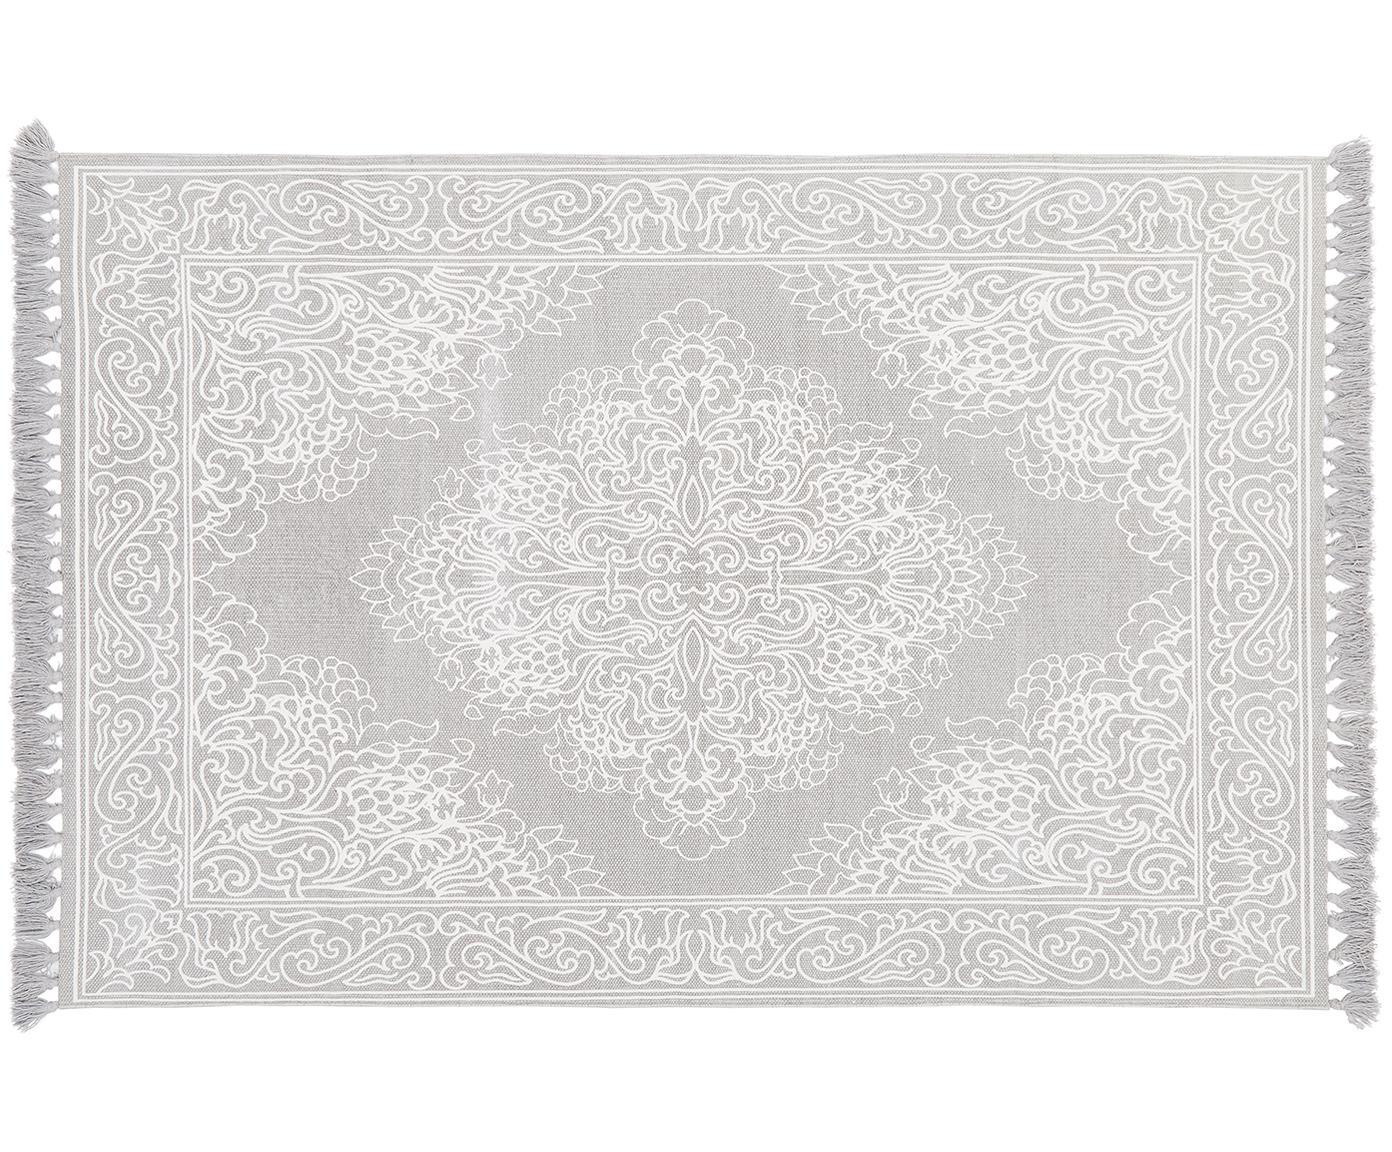 Gemusterter Baumwollteppich Salima mit Quasten, handgewebt, 100% Baumwolle, Hellgrau, Cremeweiß, B 50 x L 80 cm (Größe XXS)